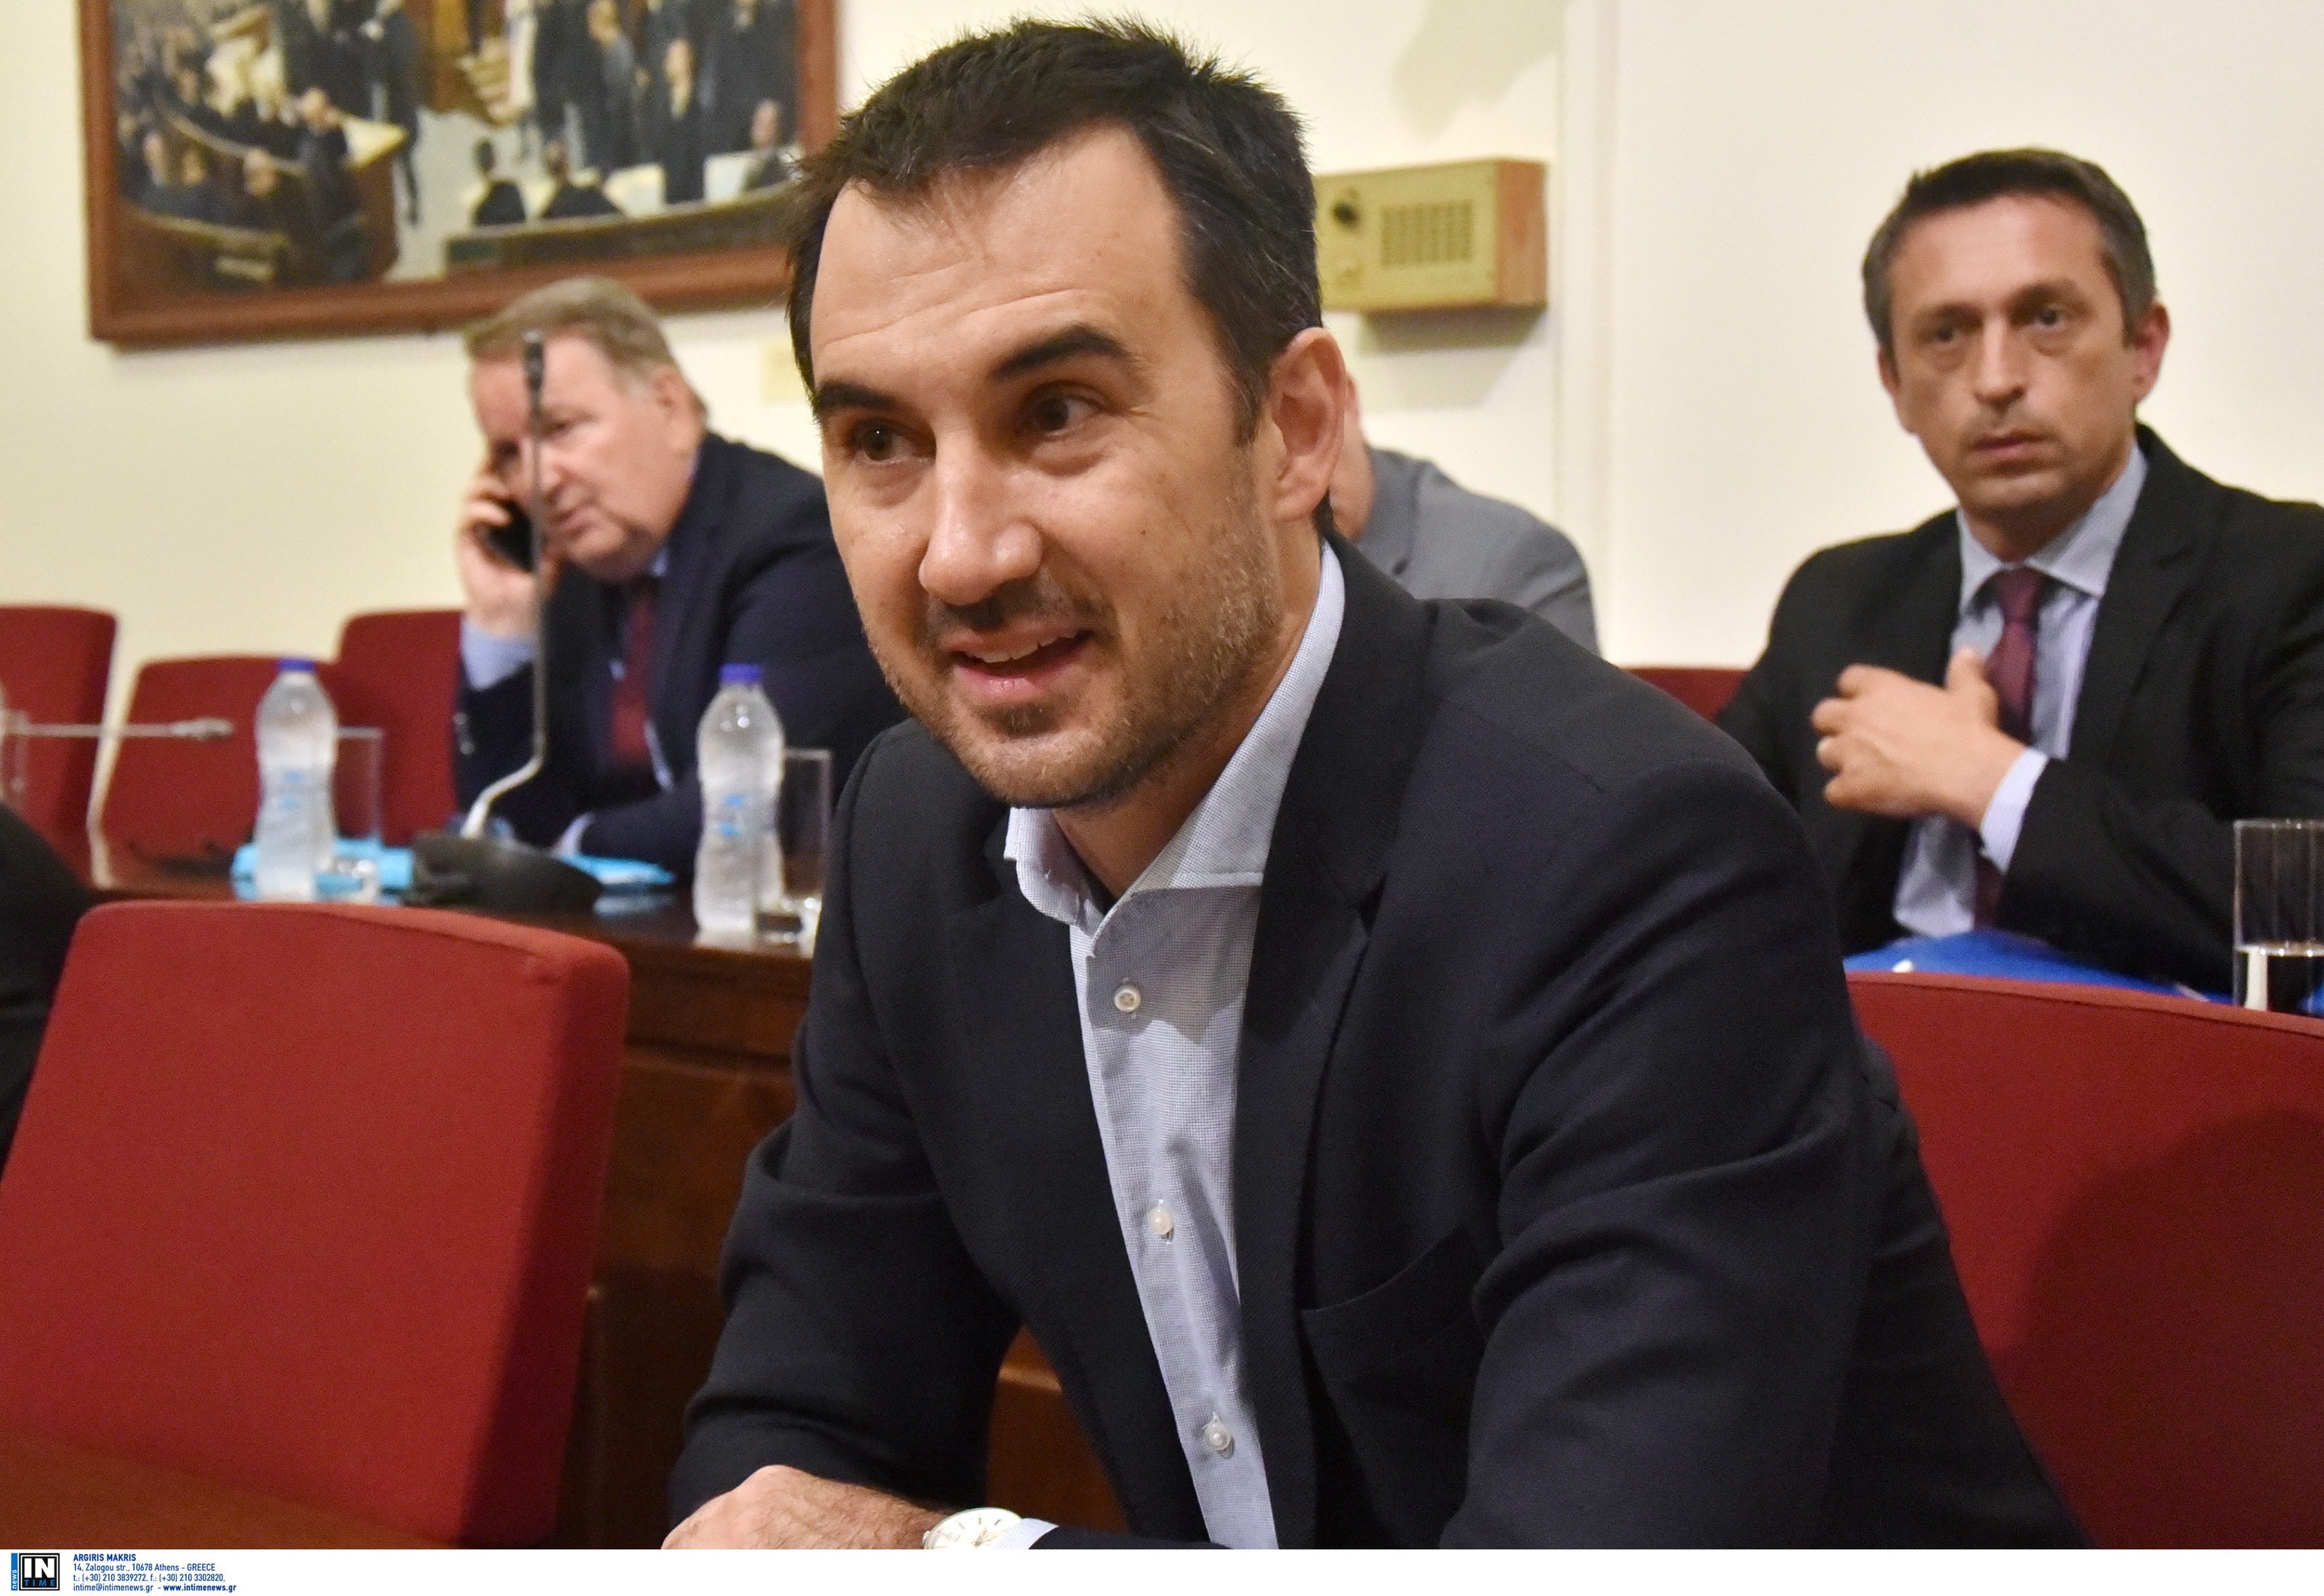 """Ειρωνικός Χαρίτσης: """"Όποτε ο Μητσοτάκης πάει στο εξωτερικό βάζει τη στολή του μακεδονομάχου στην ντουλάπα""""!"""